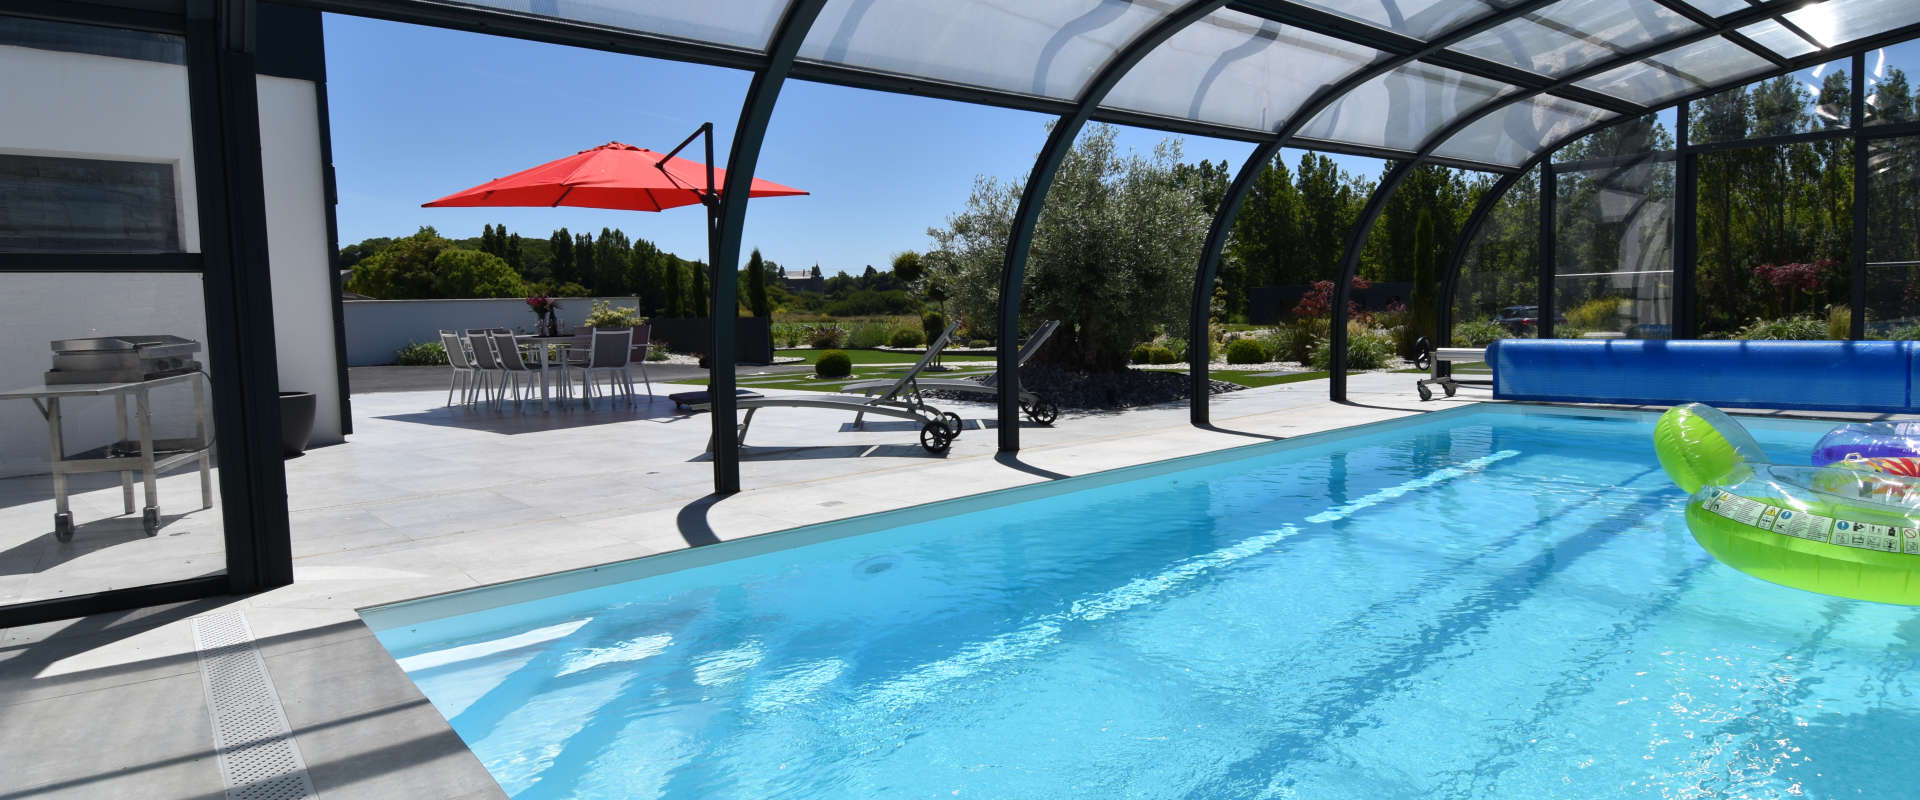 kersauzon-2la-piscine.jpg